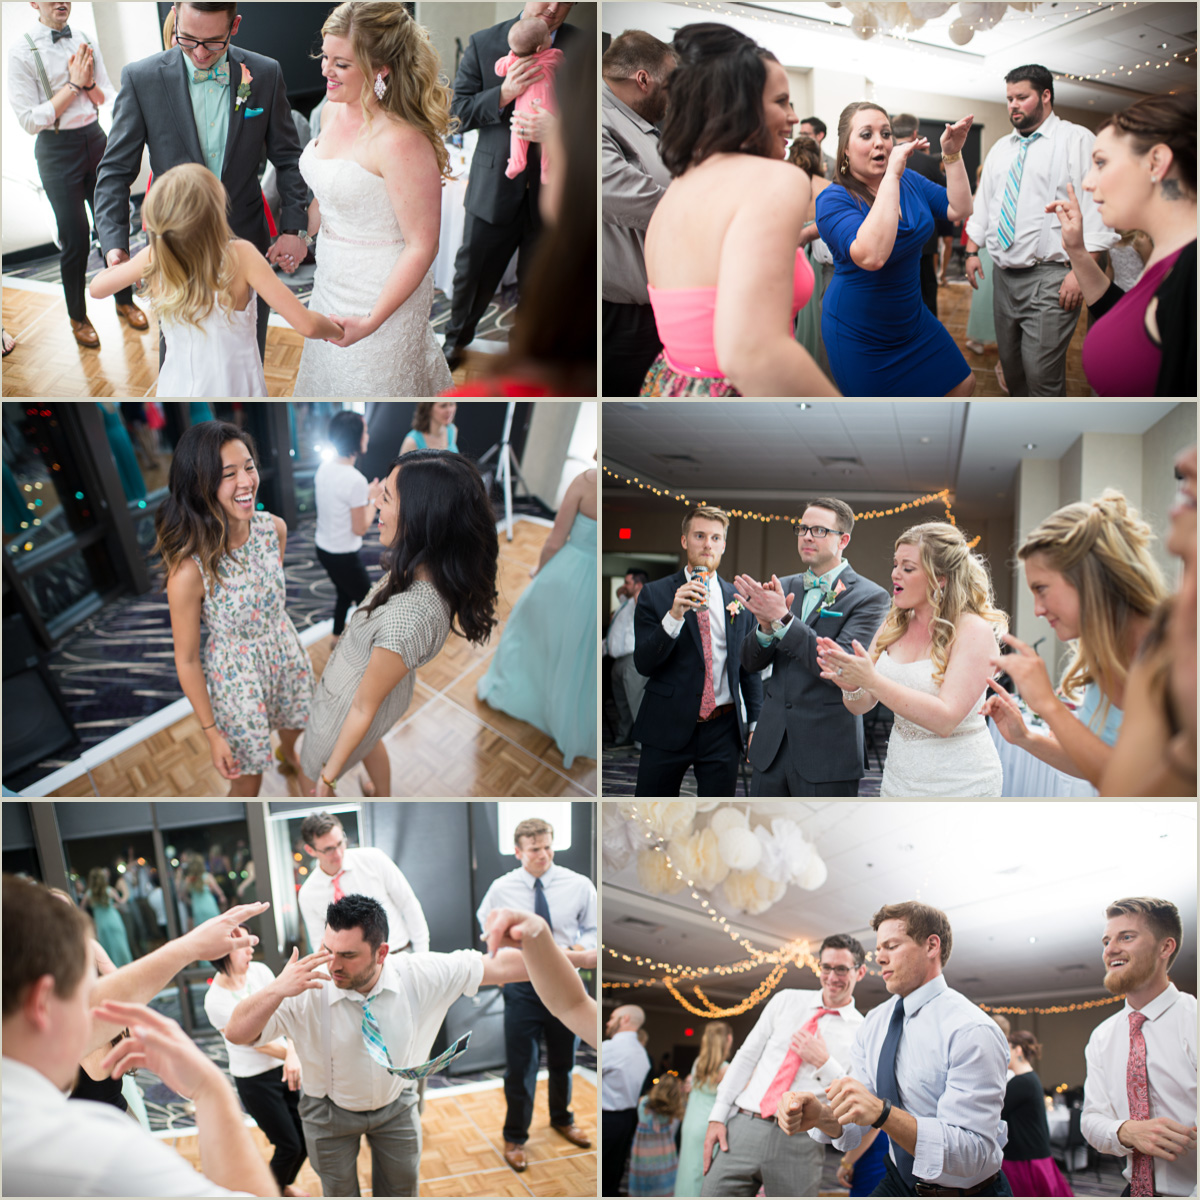 wedding reception at bluemont hotel manhattan kansas